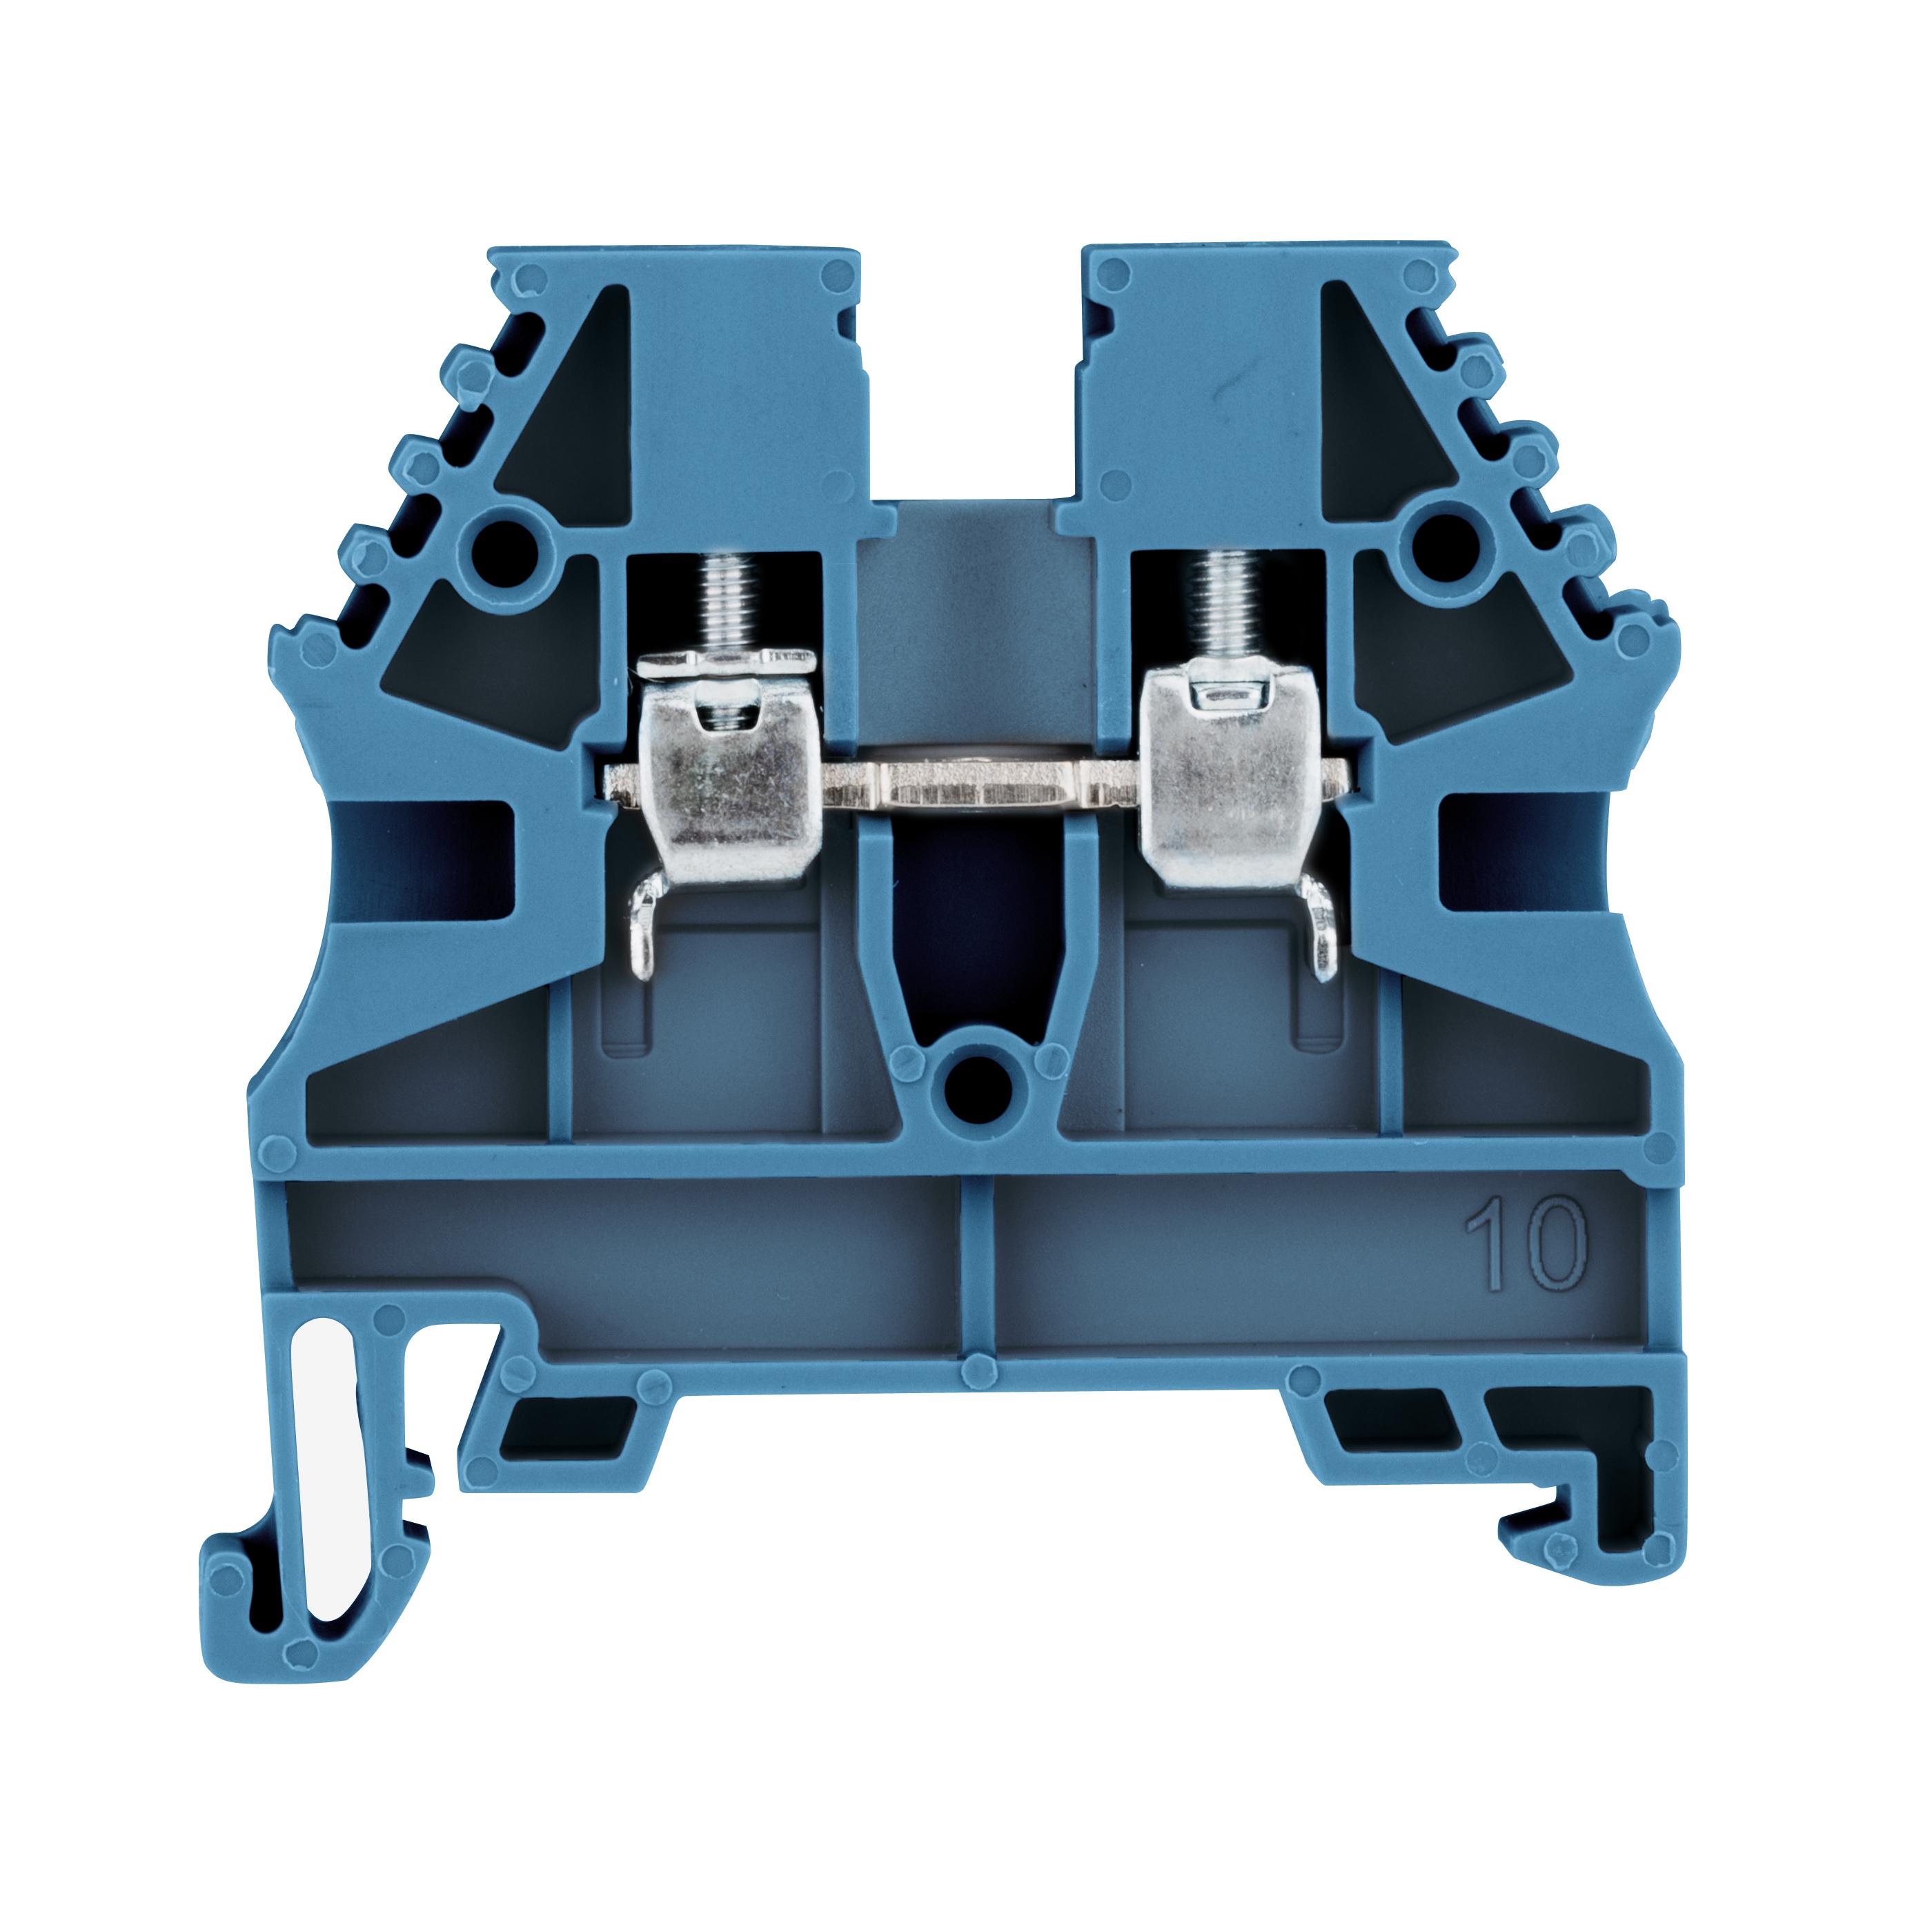 1 Stk Reihenklemme 2,5mm² AVK 2,5, blau IK601002--